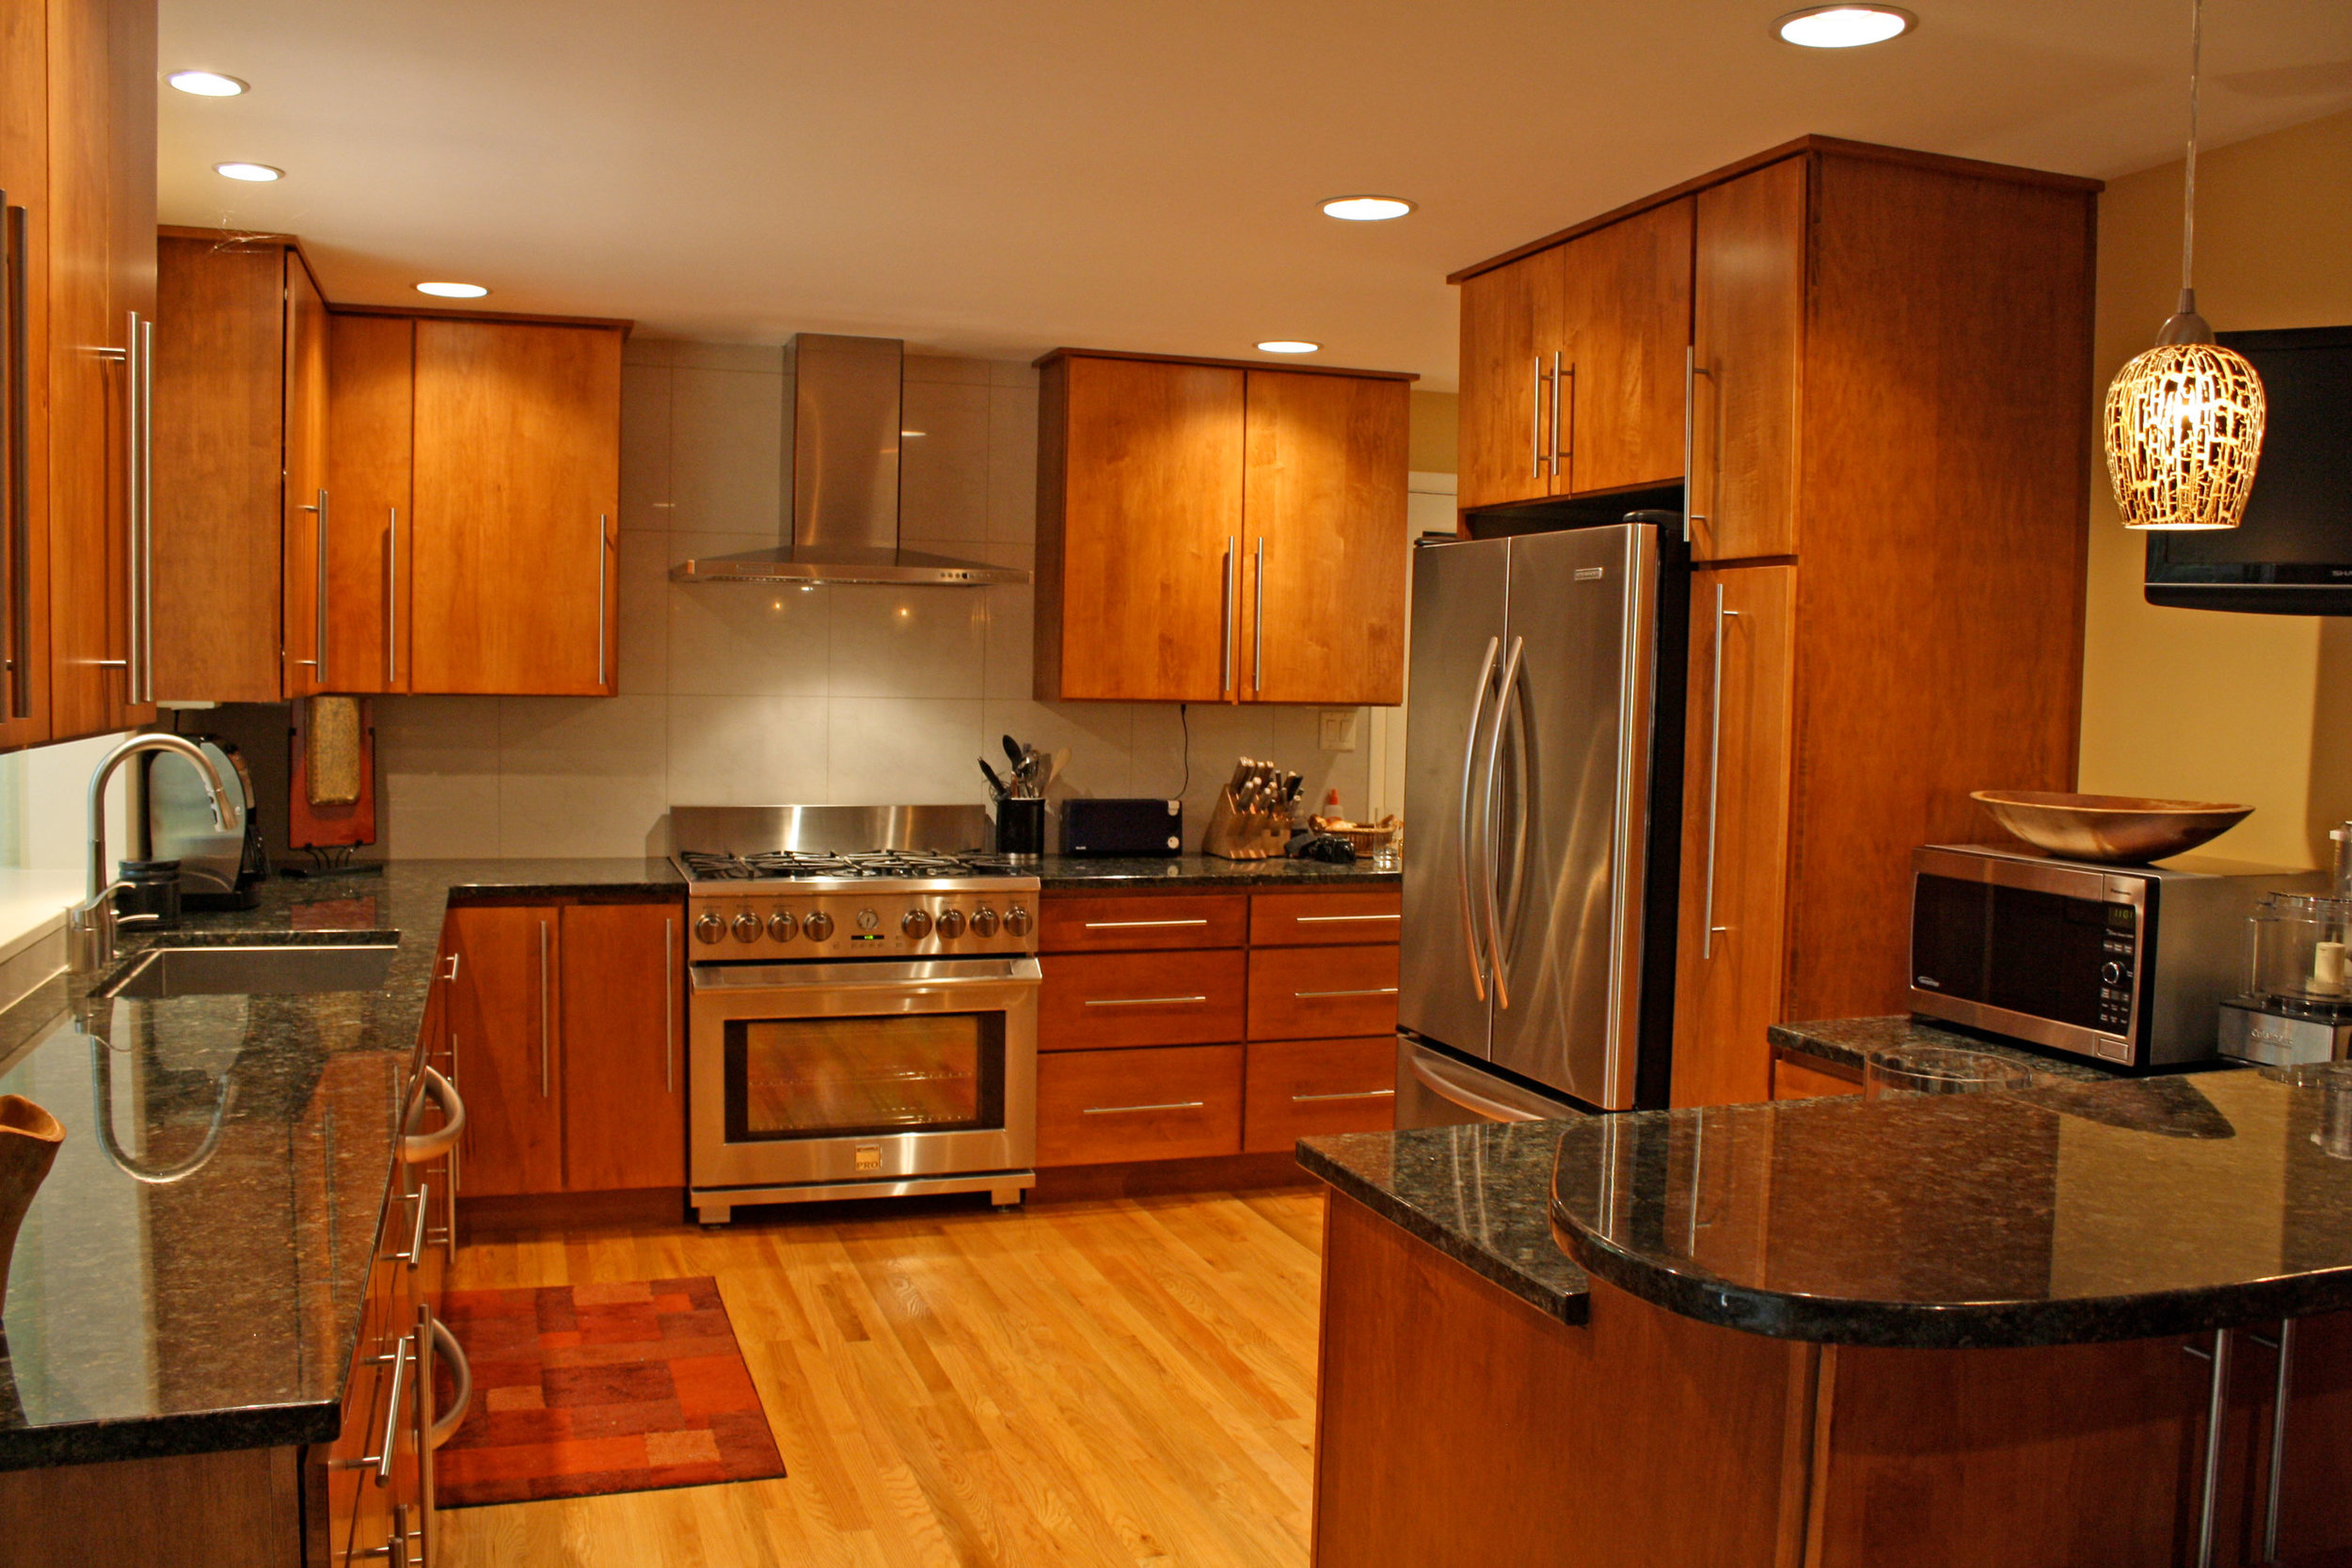 modern-kitchen-range-view.jpg